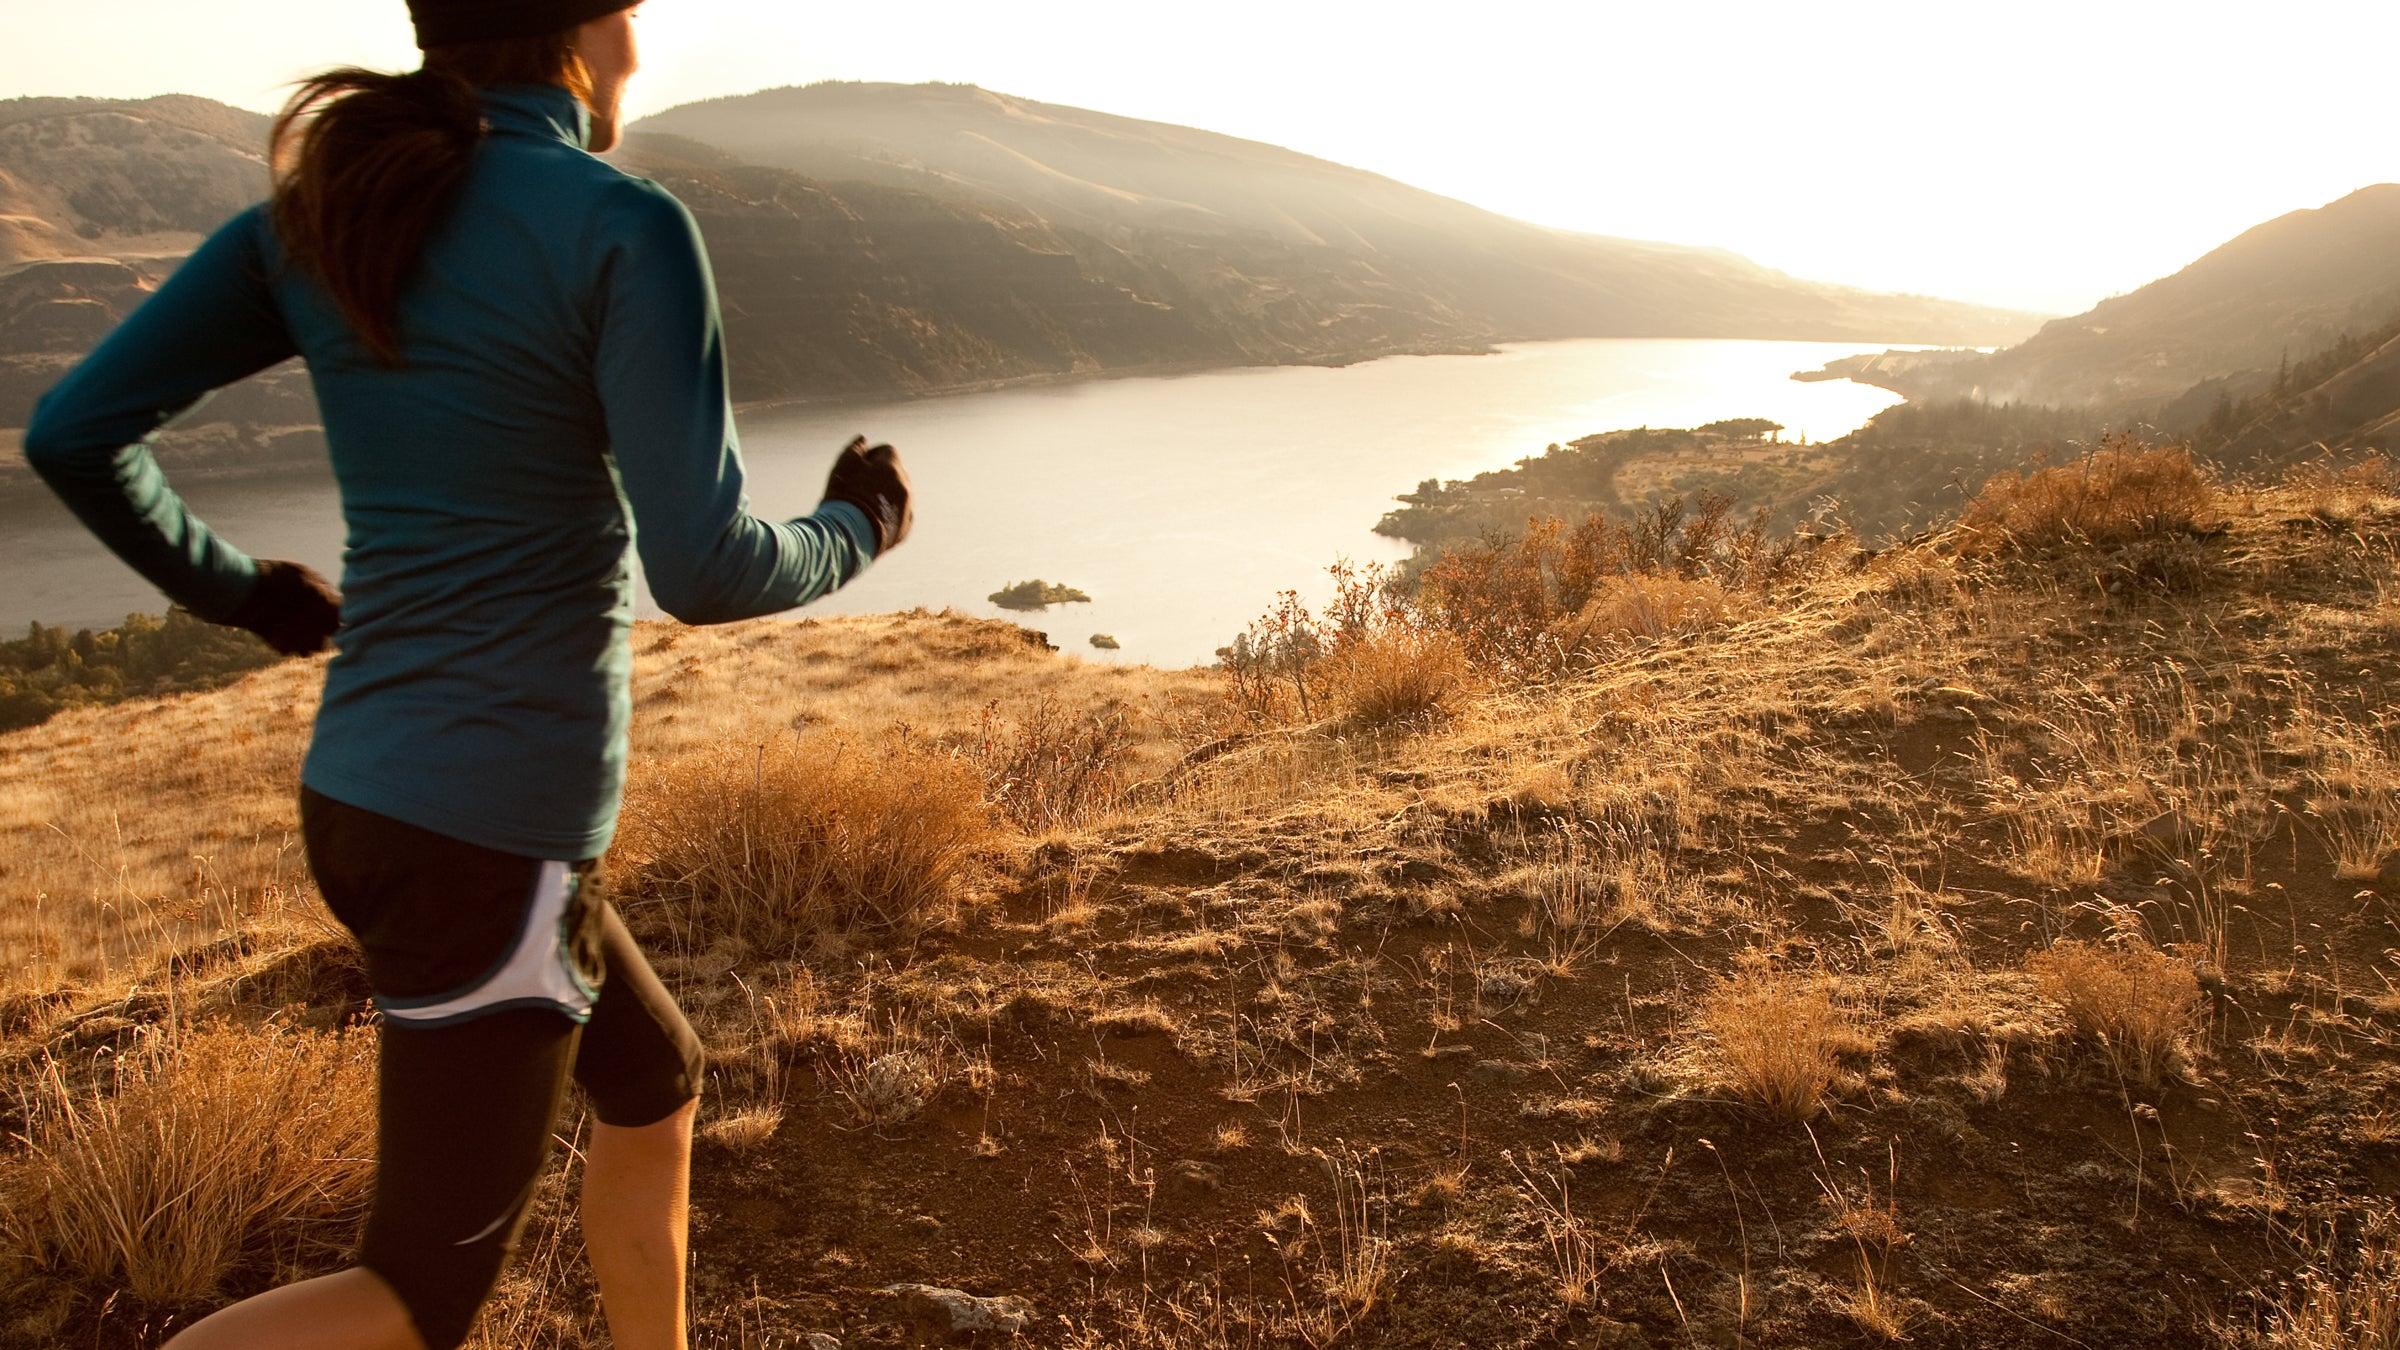 Should You Run or Walk Hills? - Women's Running